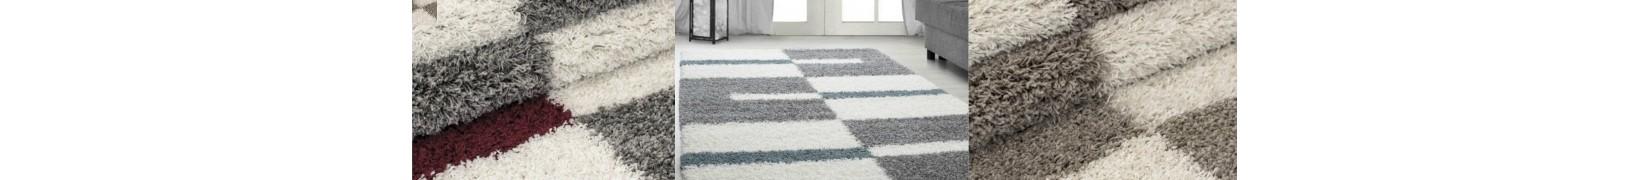 Przepiękne dywany Shaggy do salonu i sypialni. Kolekcja TWIX